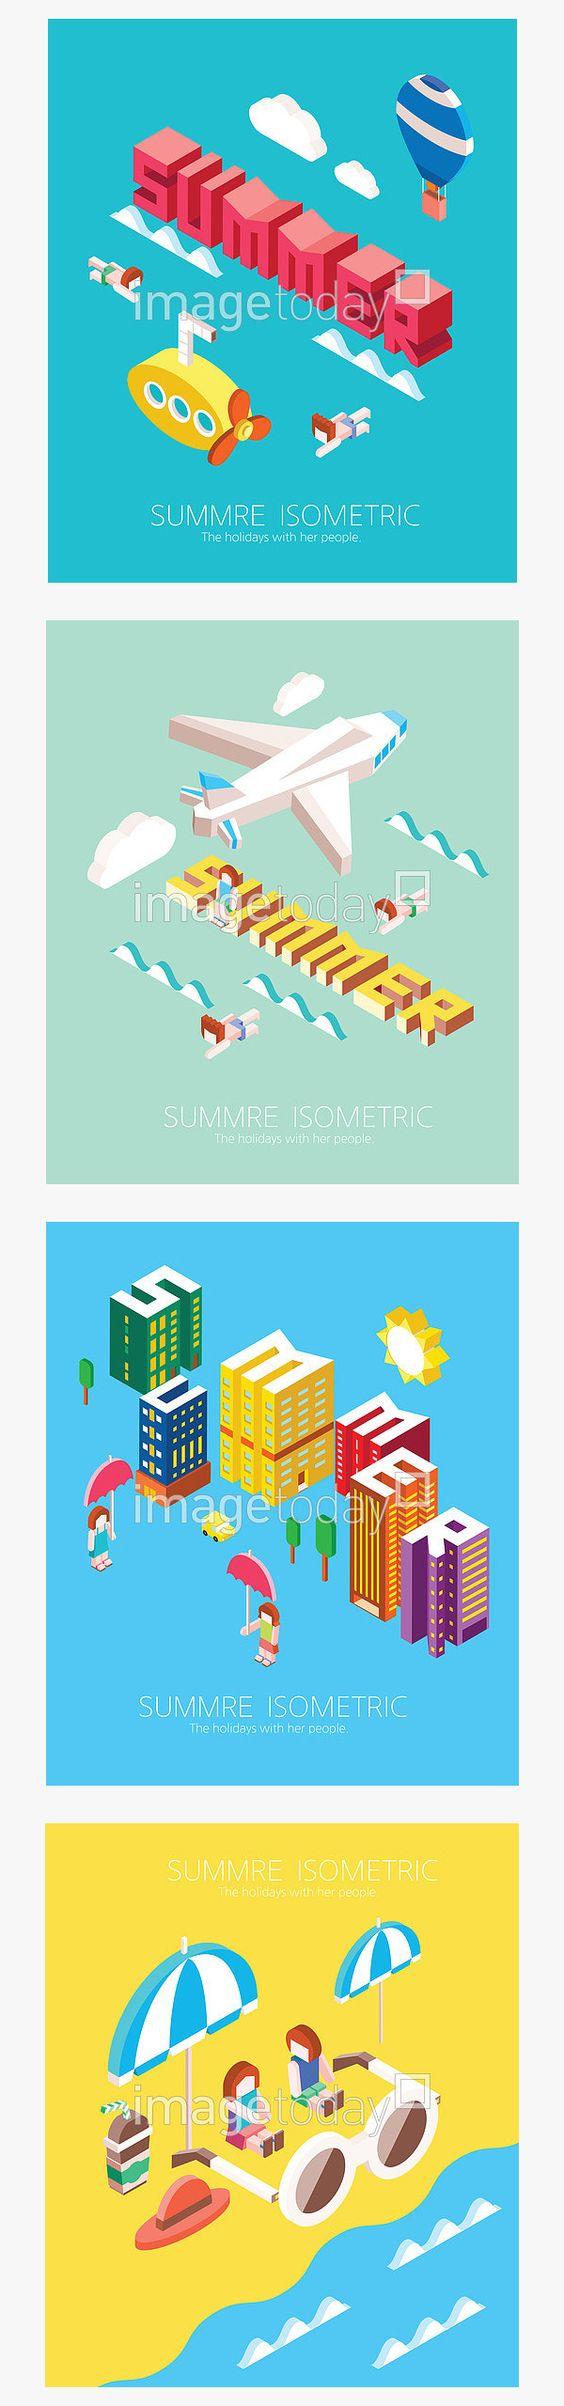 자동차, 수영 and 색깔 on Pinterest